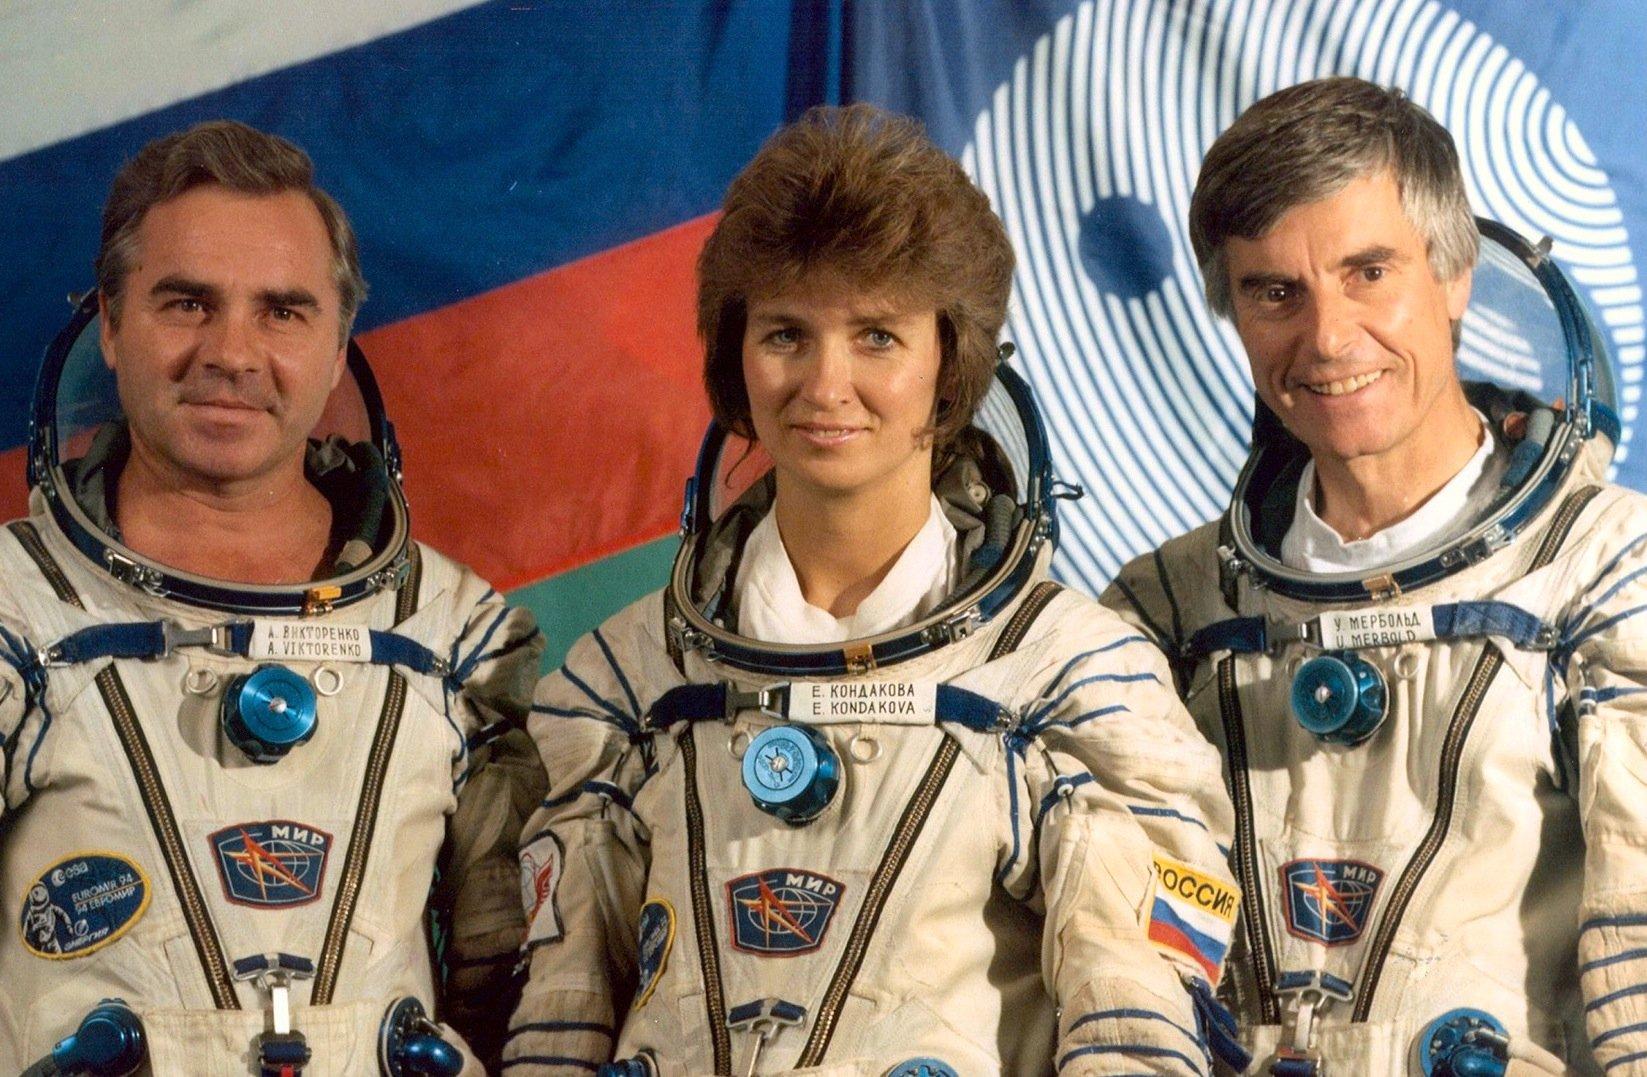 Die Astronauten Alexander Viktorenko, Velena Kondakova und Ulf Merbold (v.l.): 1994 mündete die enge Zusammenarbeit der ESA mit Russland in einen Flug zur russischen Raumstation Mir. Ulf Merbold wurde dadurch zum bekanntesten deutschen Astronauten.